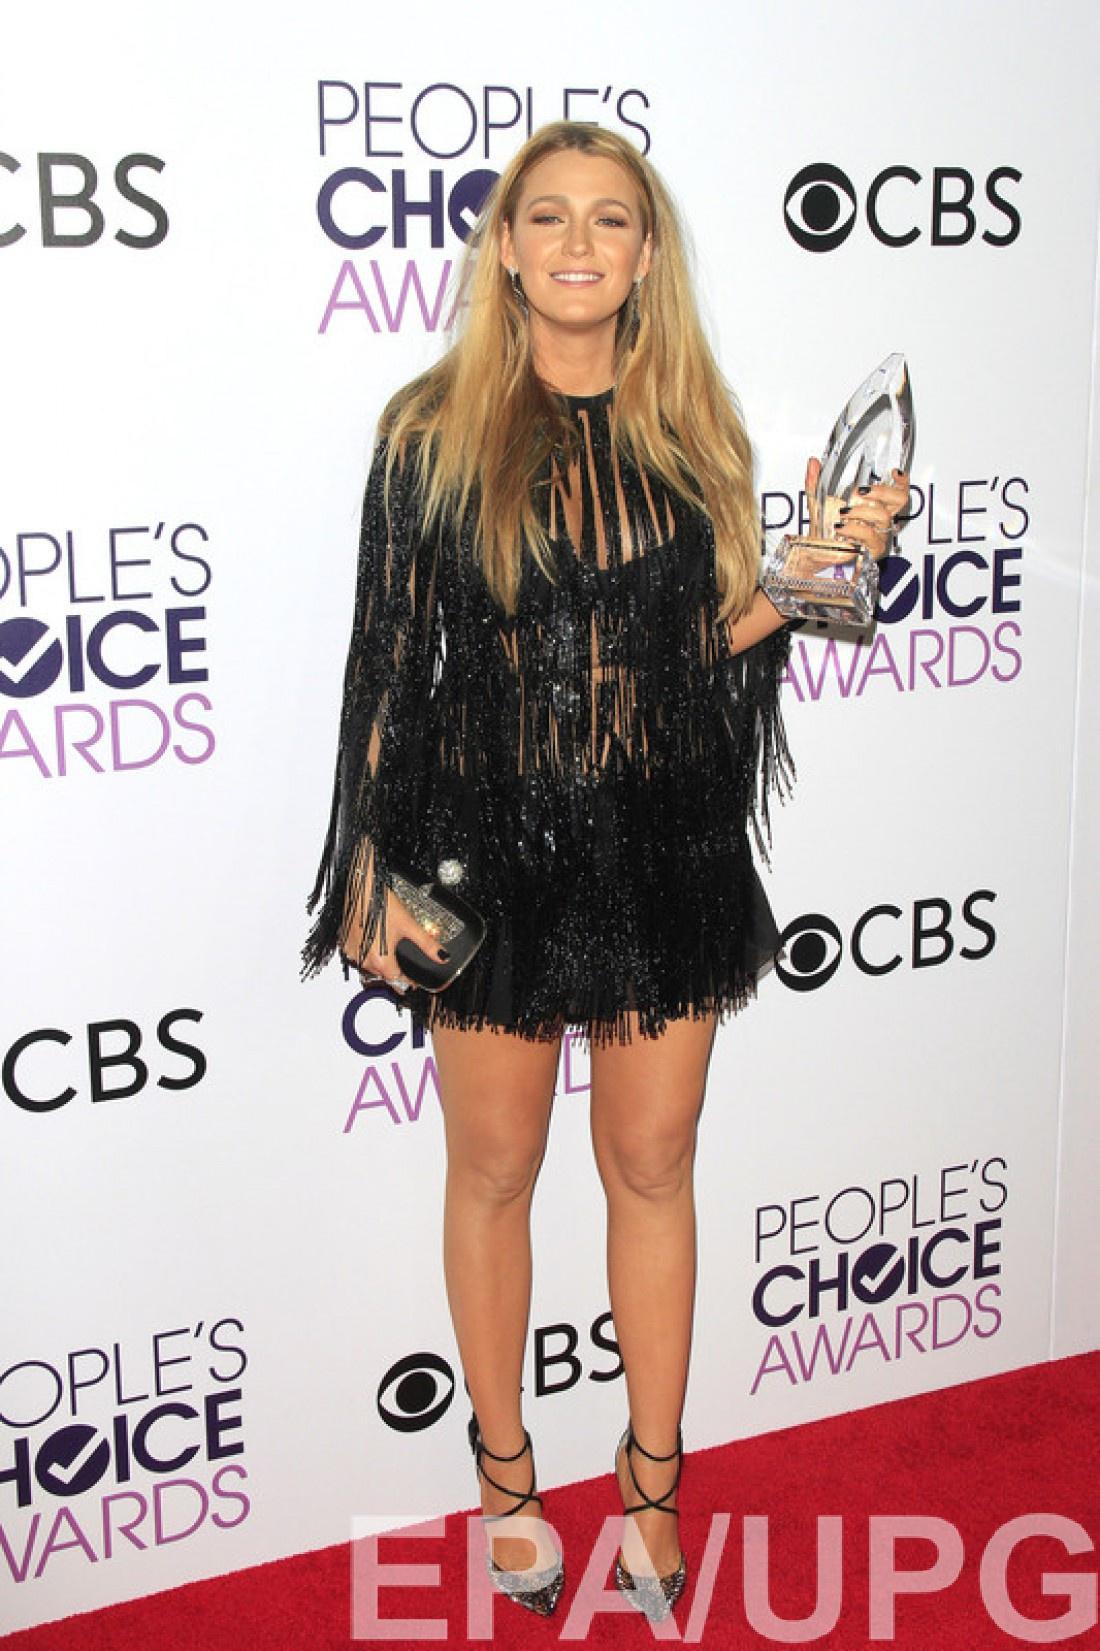 Актриса стала Любимой драматической актрисой по версии People's Choice Awards 2017